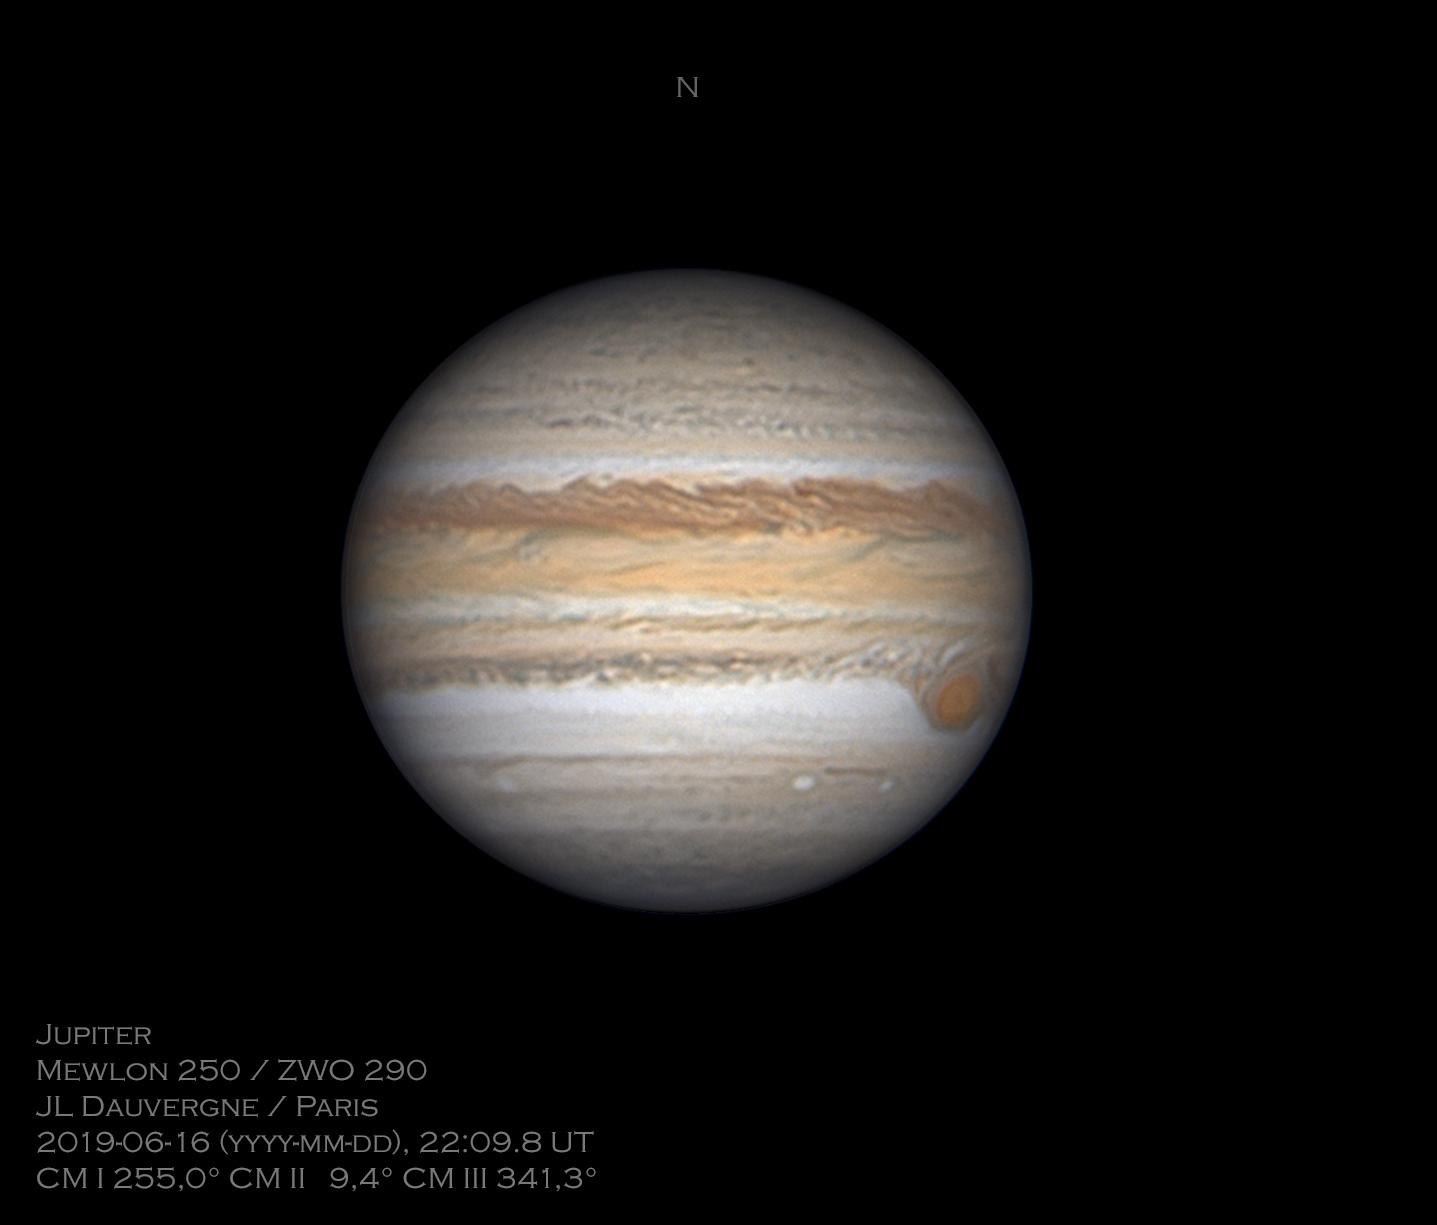 5d079539dcb01_2019-06-16-2209_8-L-Jupiter_ZWOASI290MMMini_lapl5_ap171copie.jpg.40178ef71b7f0c8cd91658fd1572aa6b.jpg